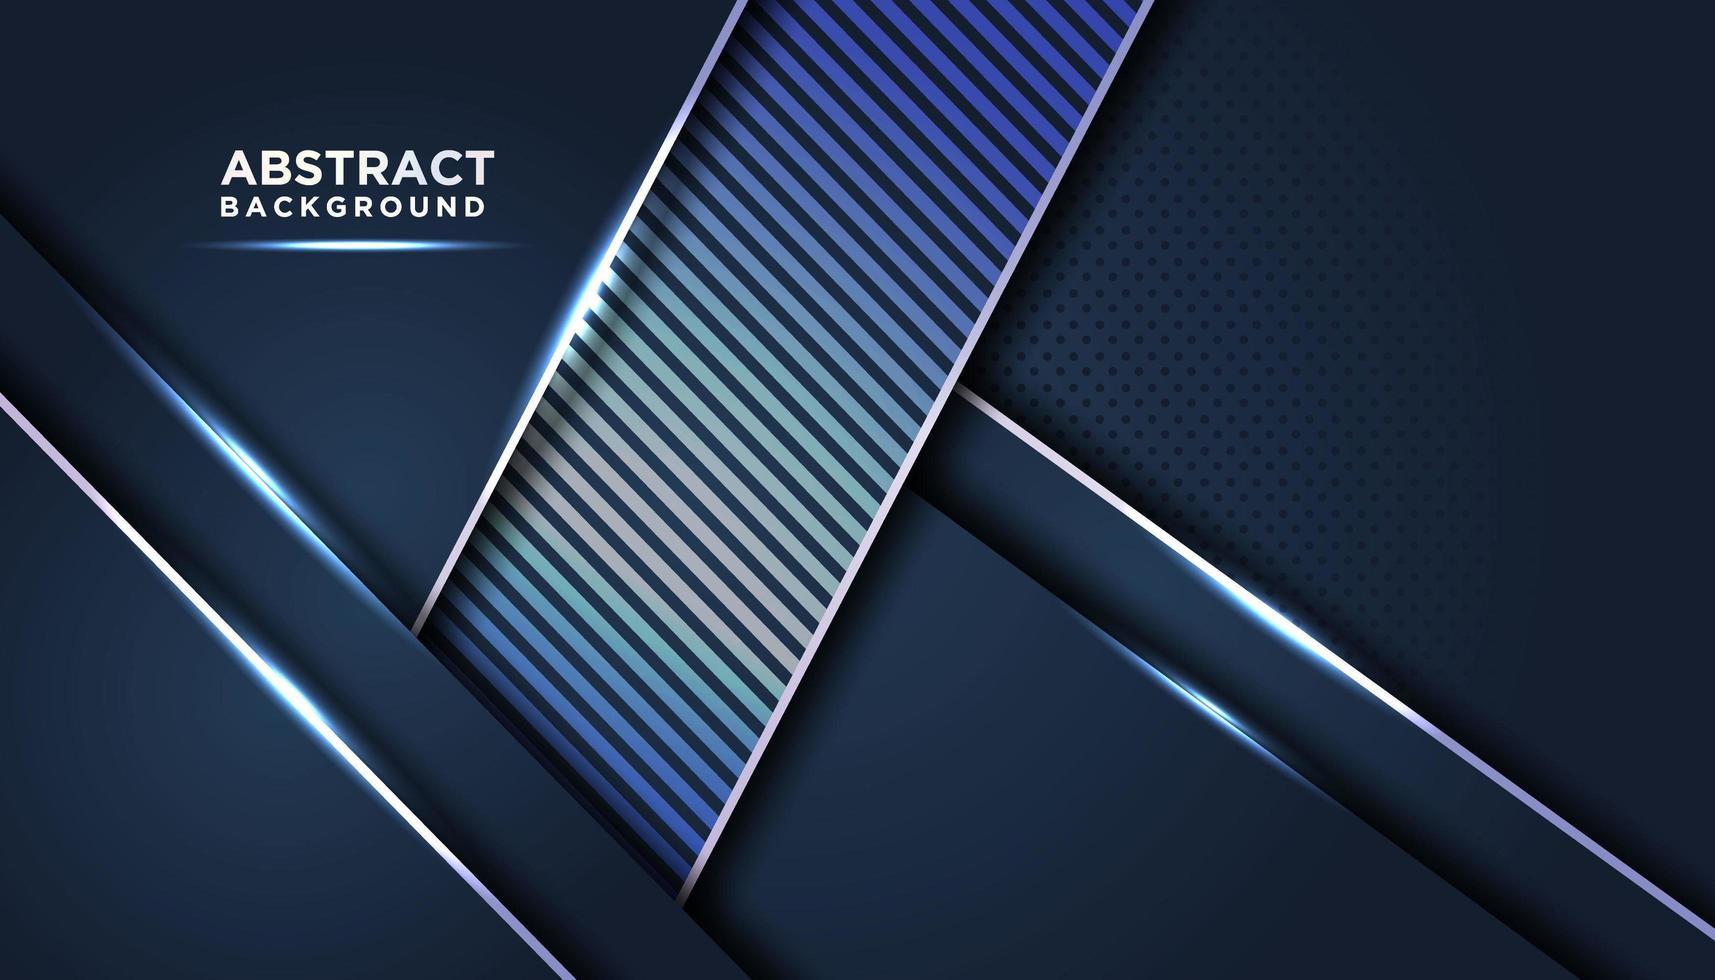 mörkblå abstrakta bakgrundsskikt med randig accent vektor